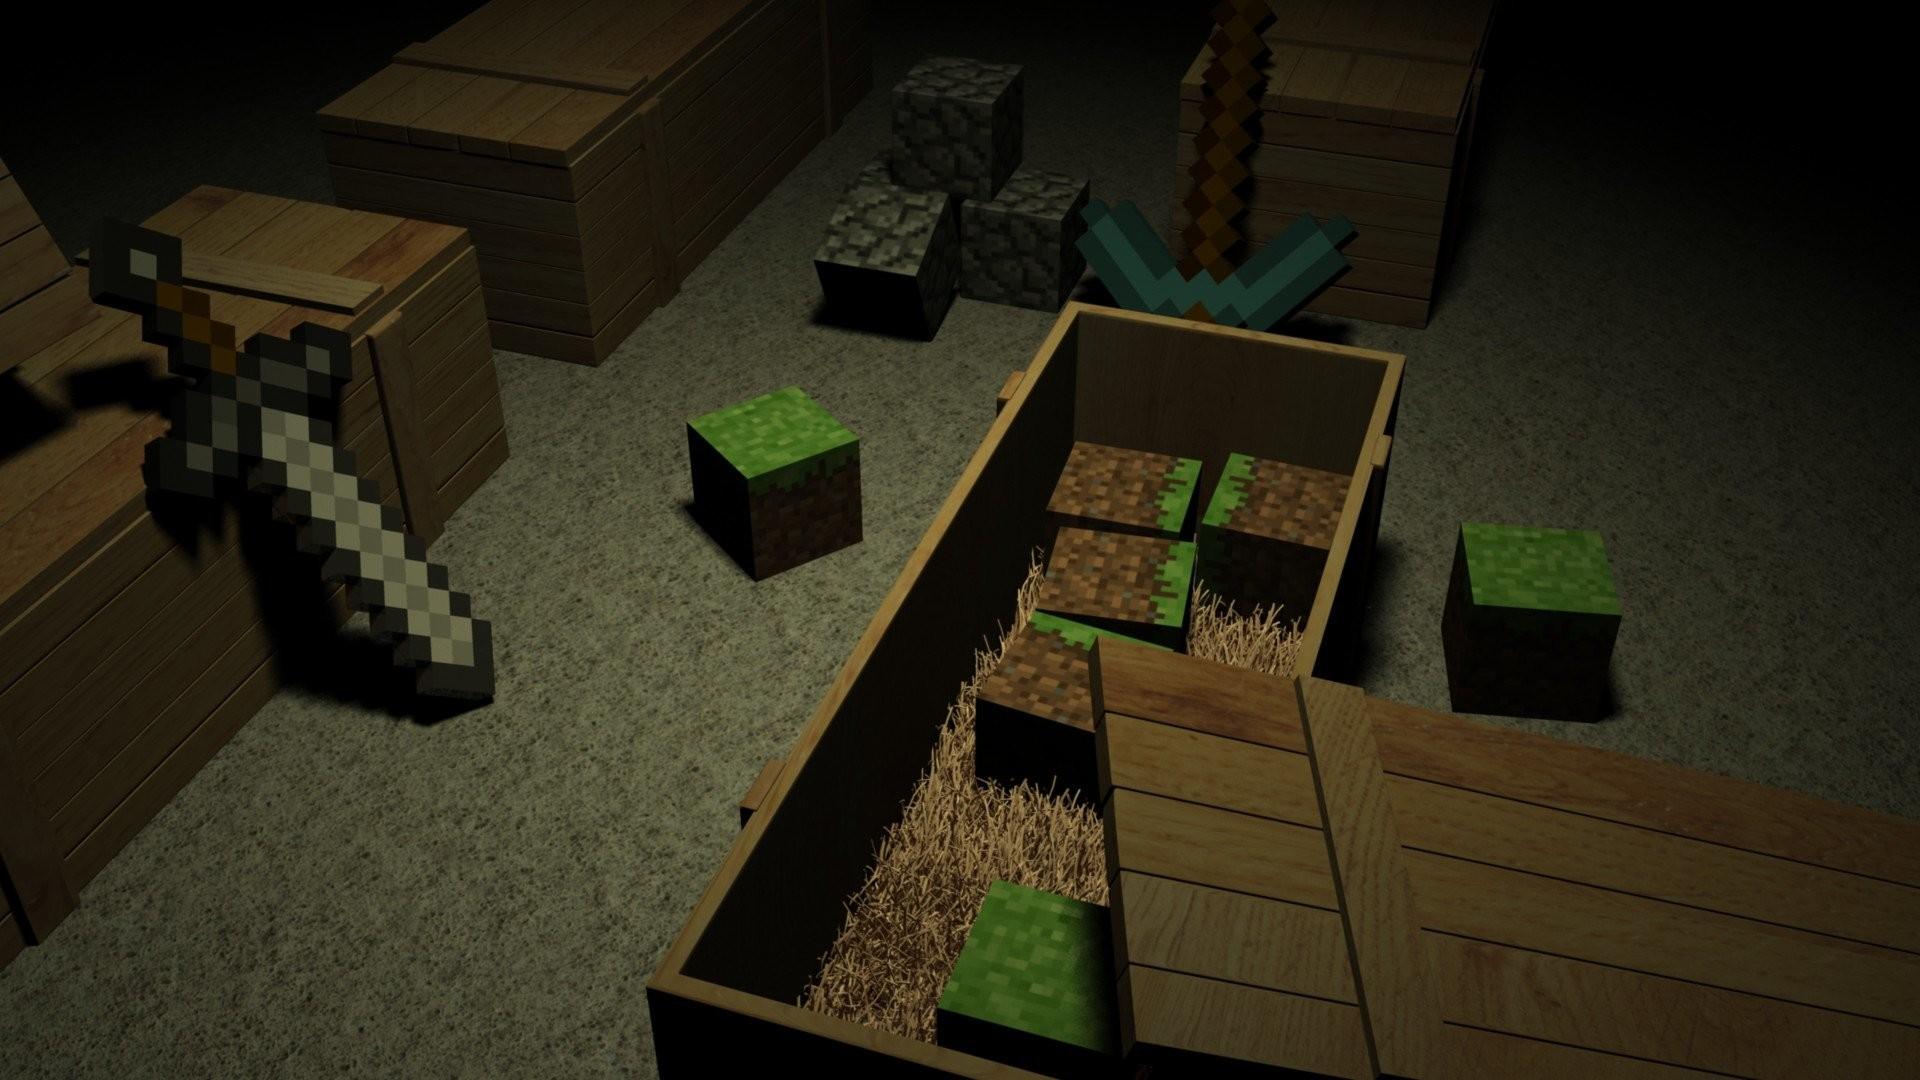 Minecraft Background Wallpaper Images - Minecraft computerspiele